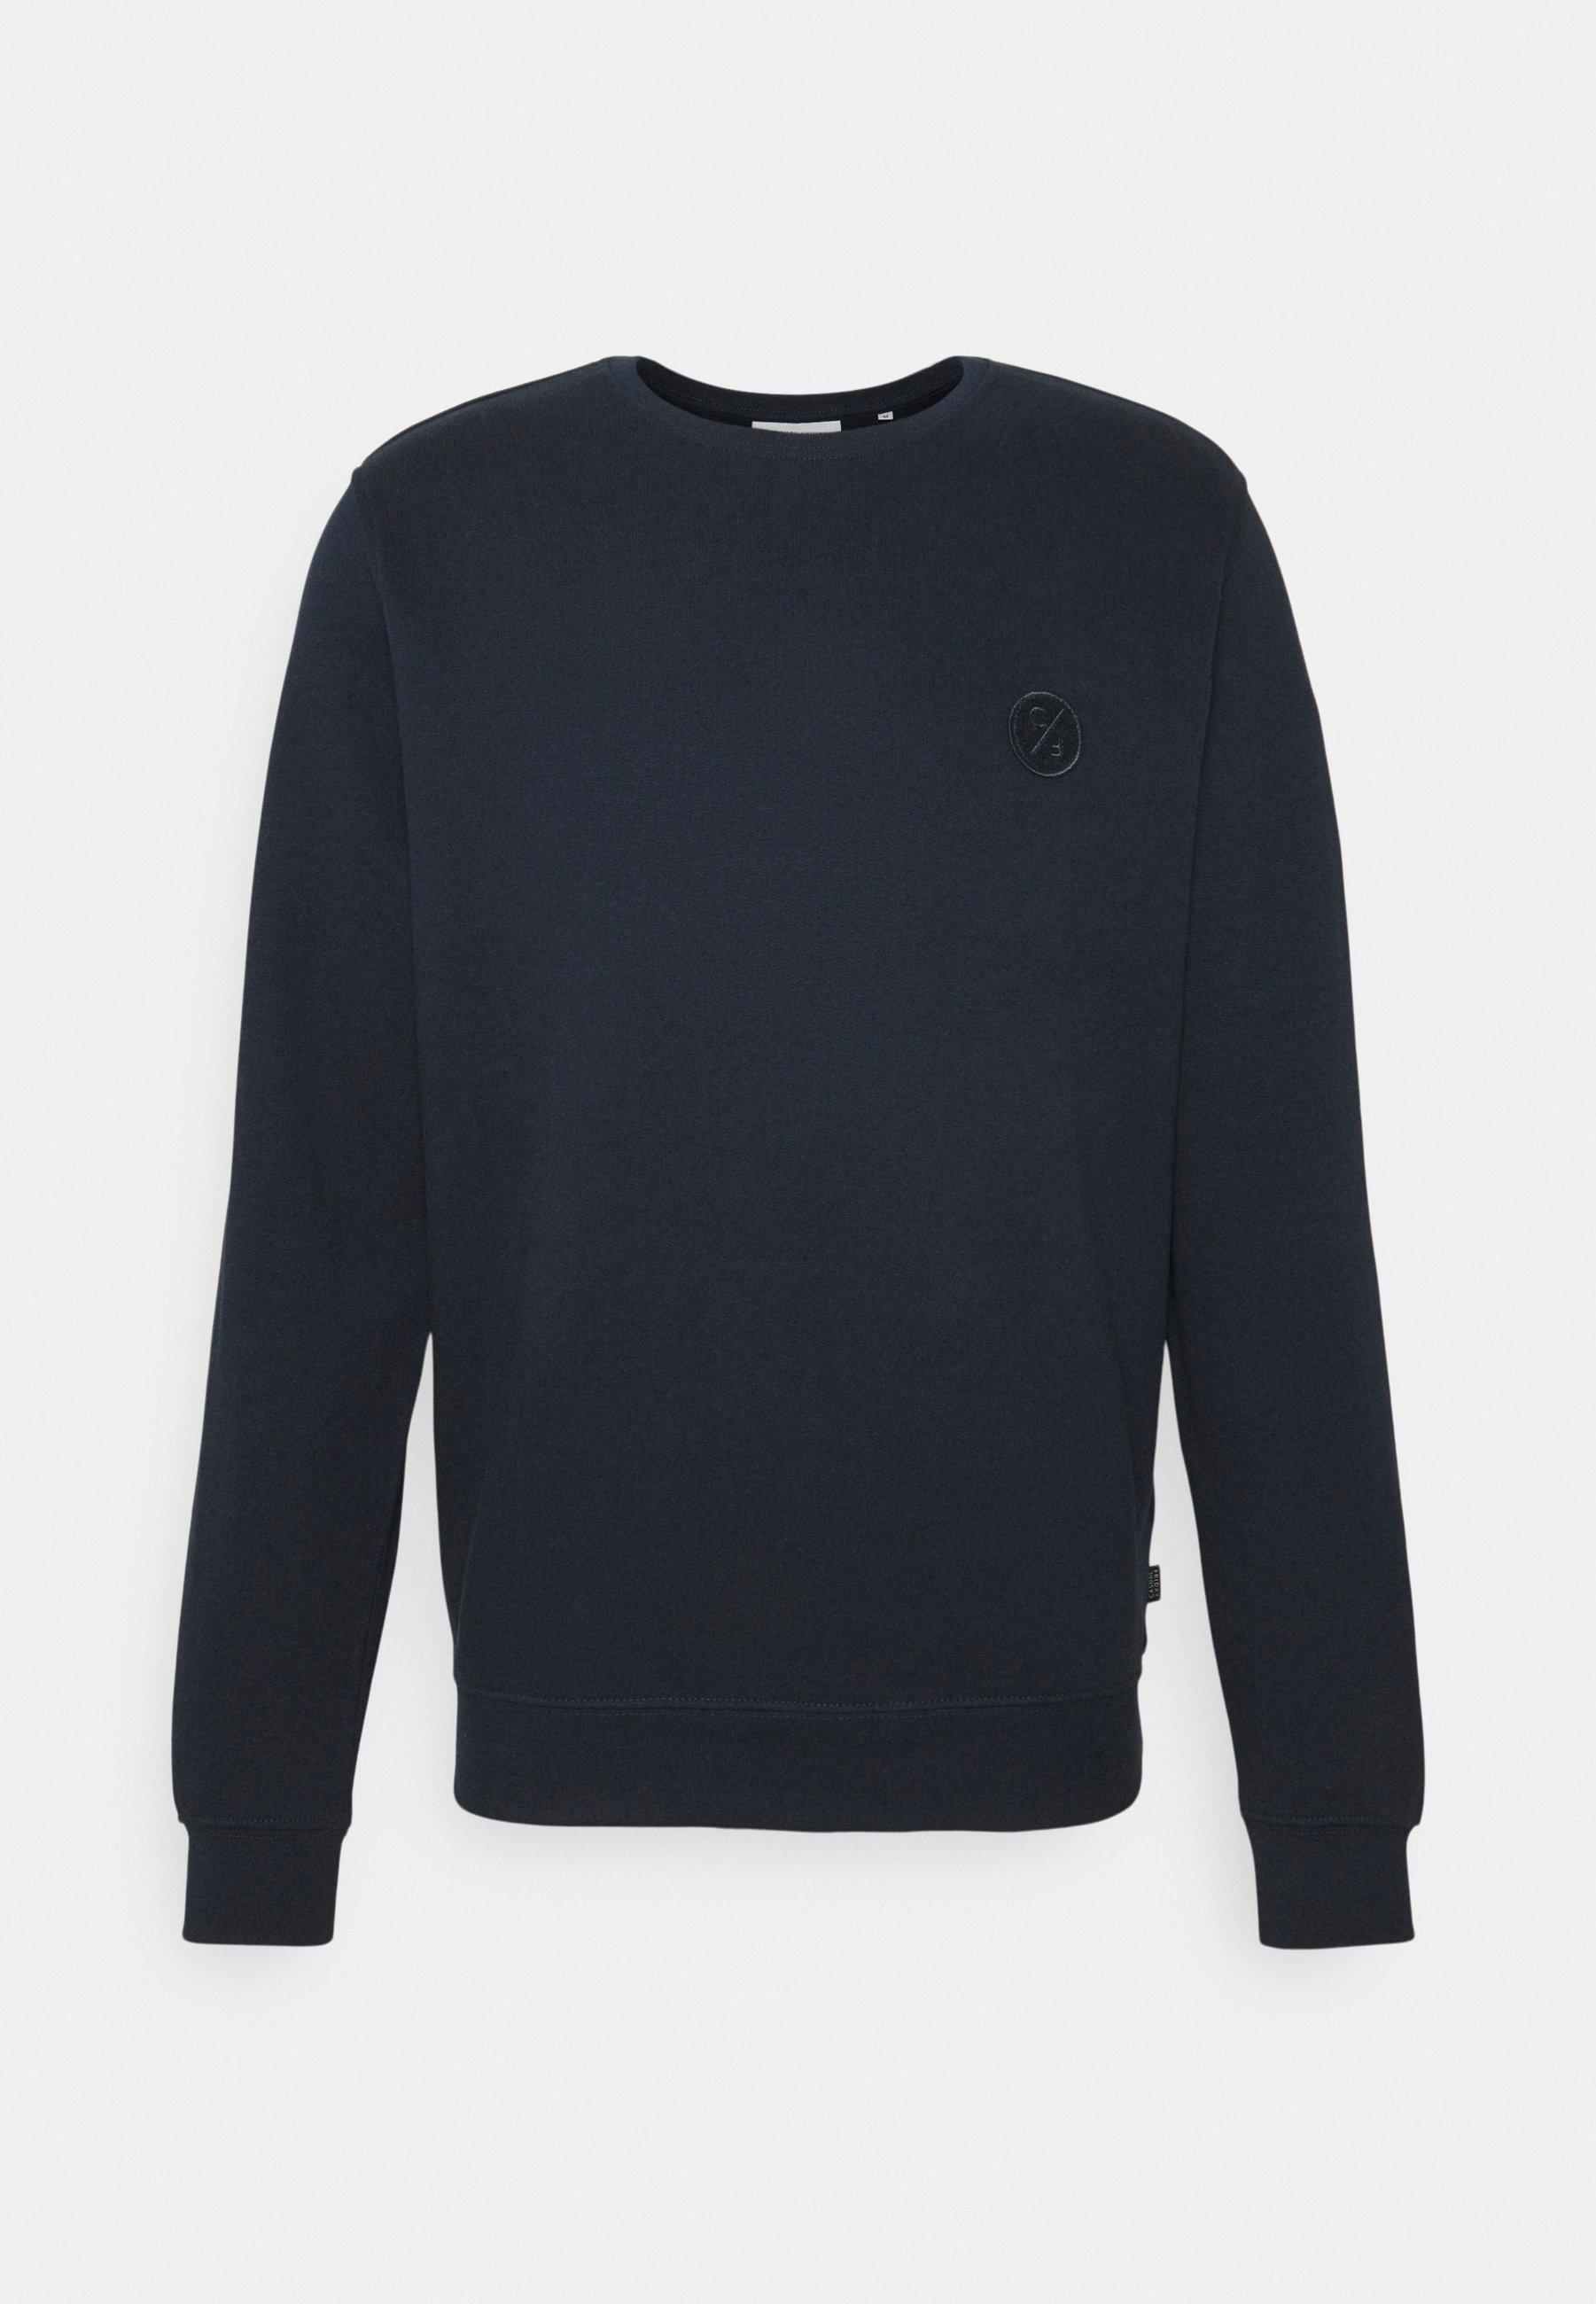 Homme SEBASTIAN WITH BADGE - Sweatshirt